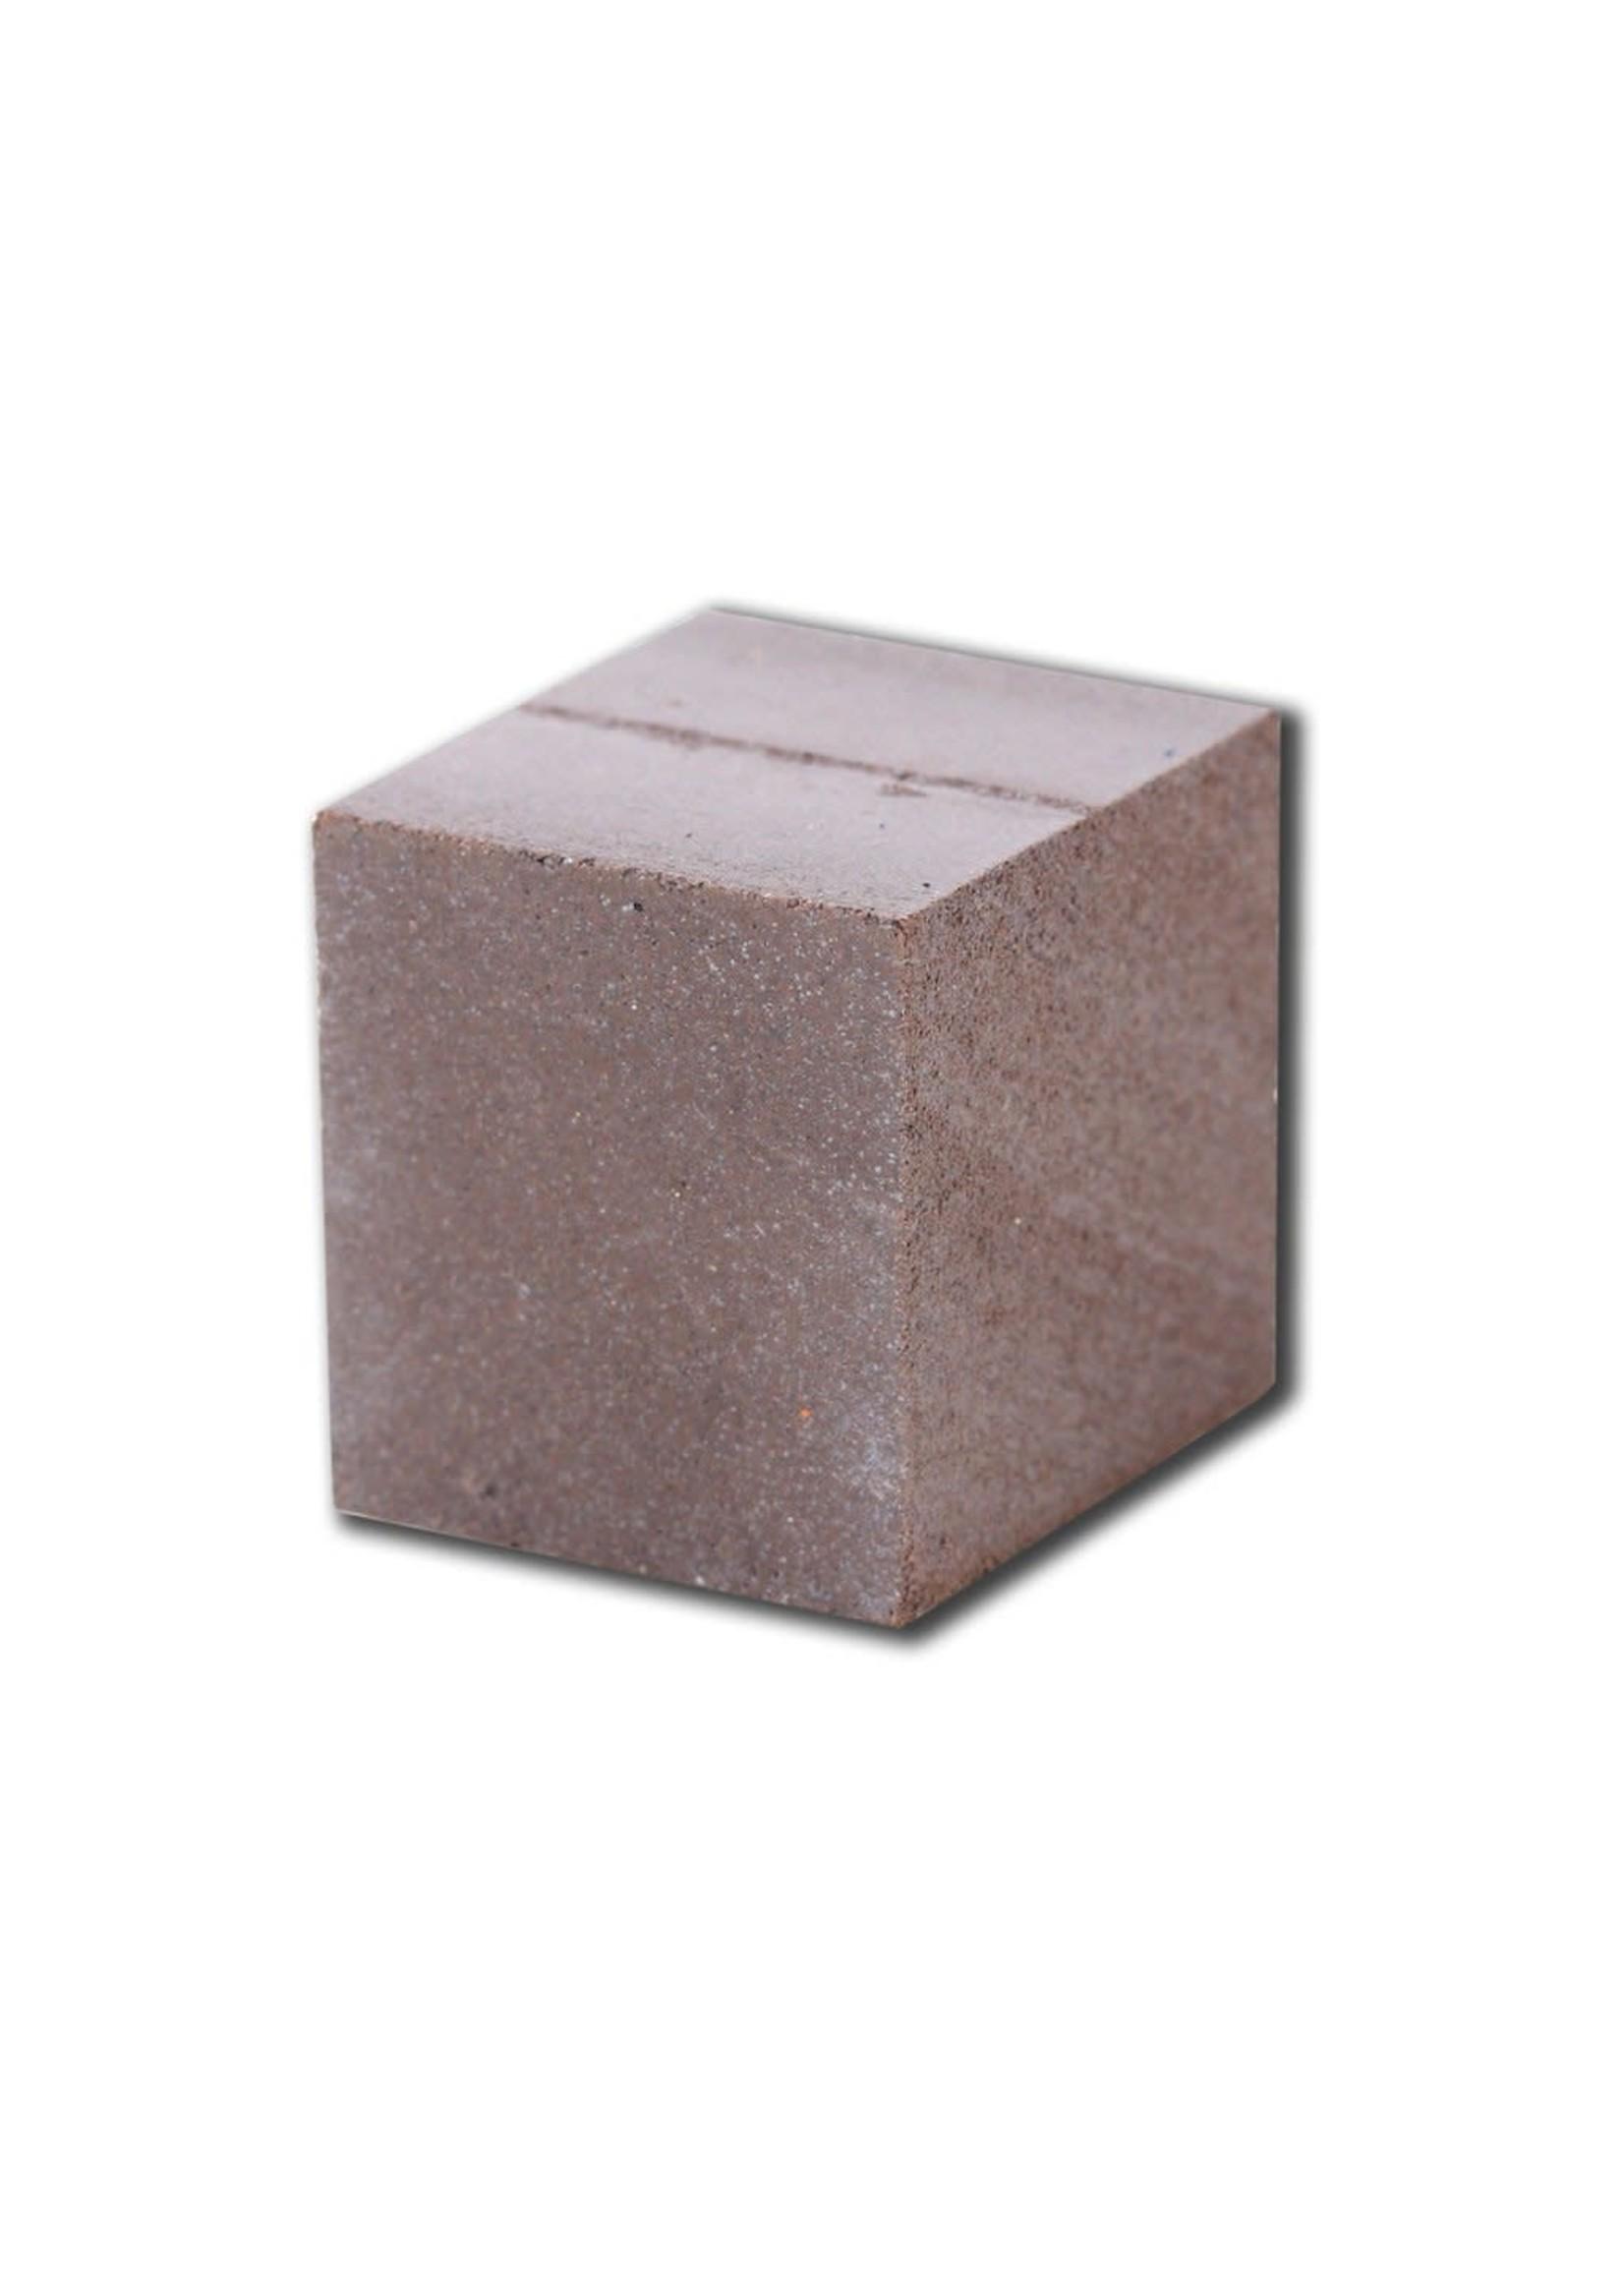 Oneball Mfg. Gum Stone